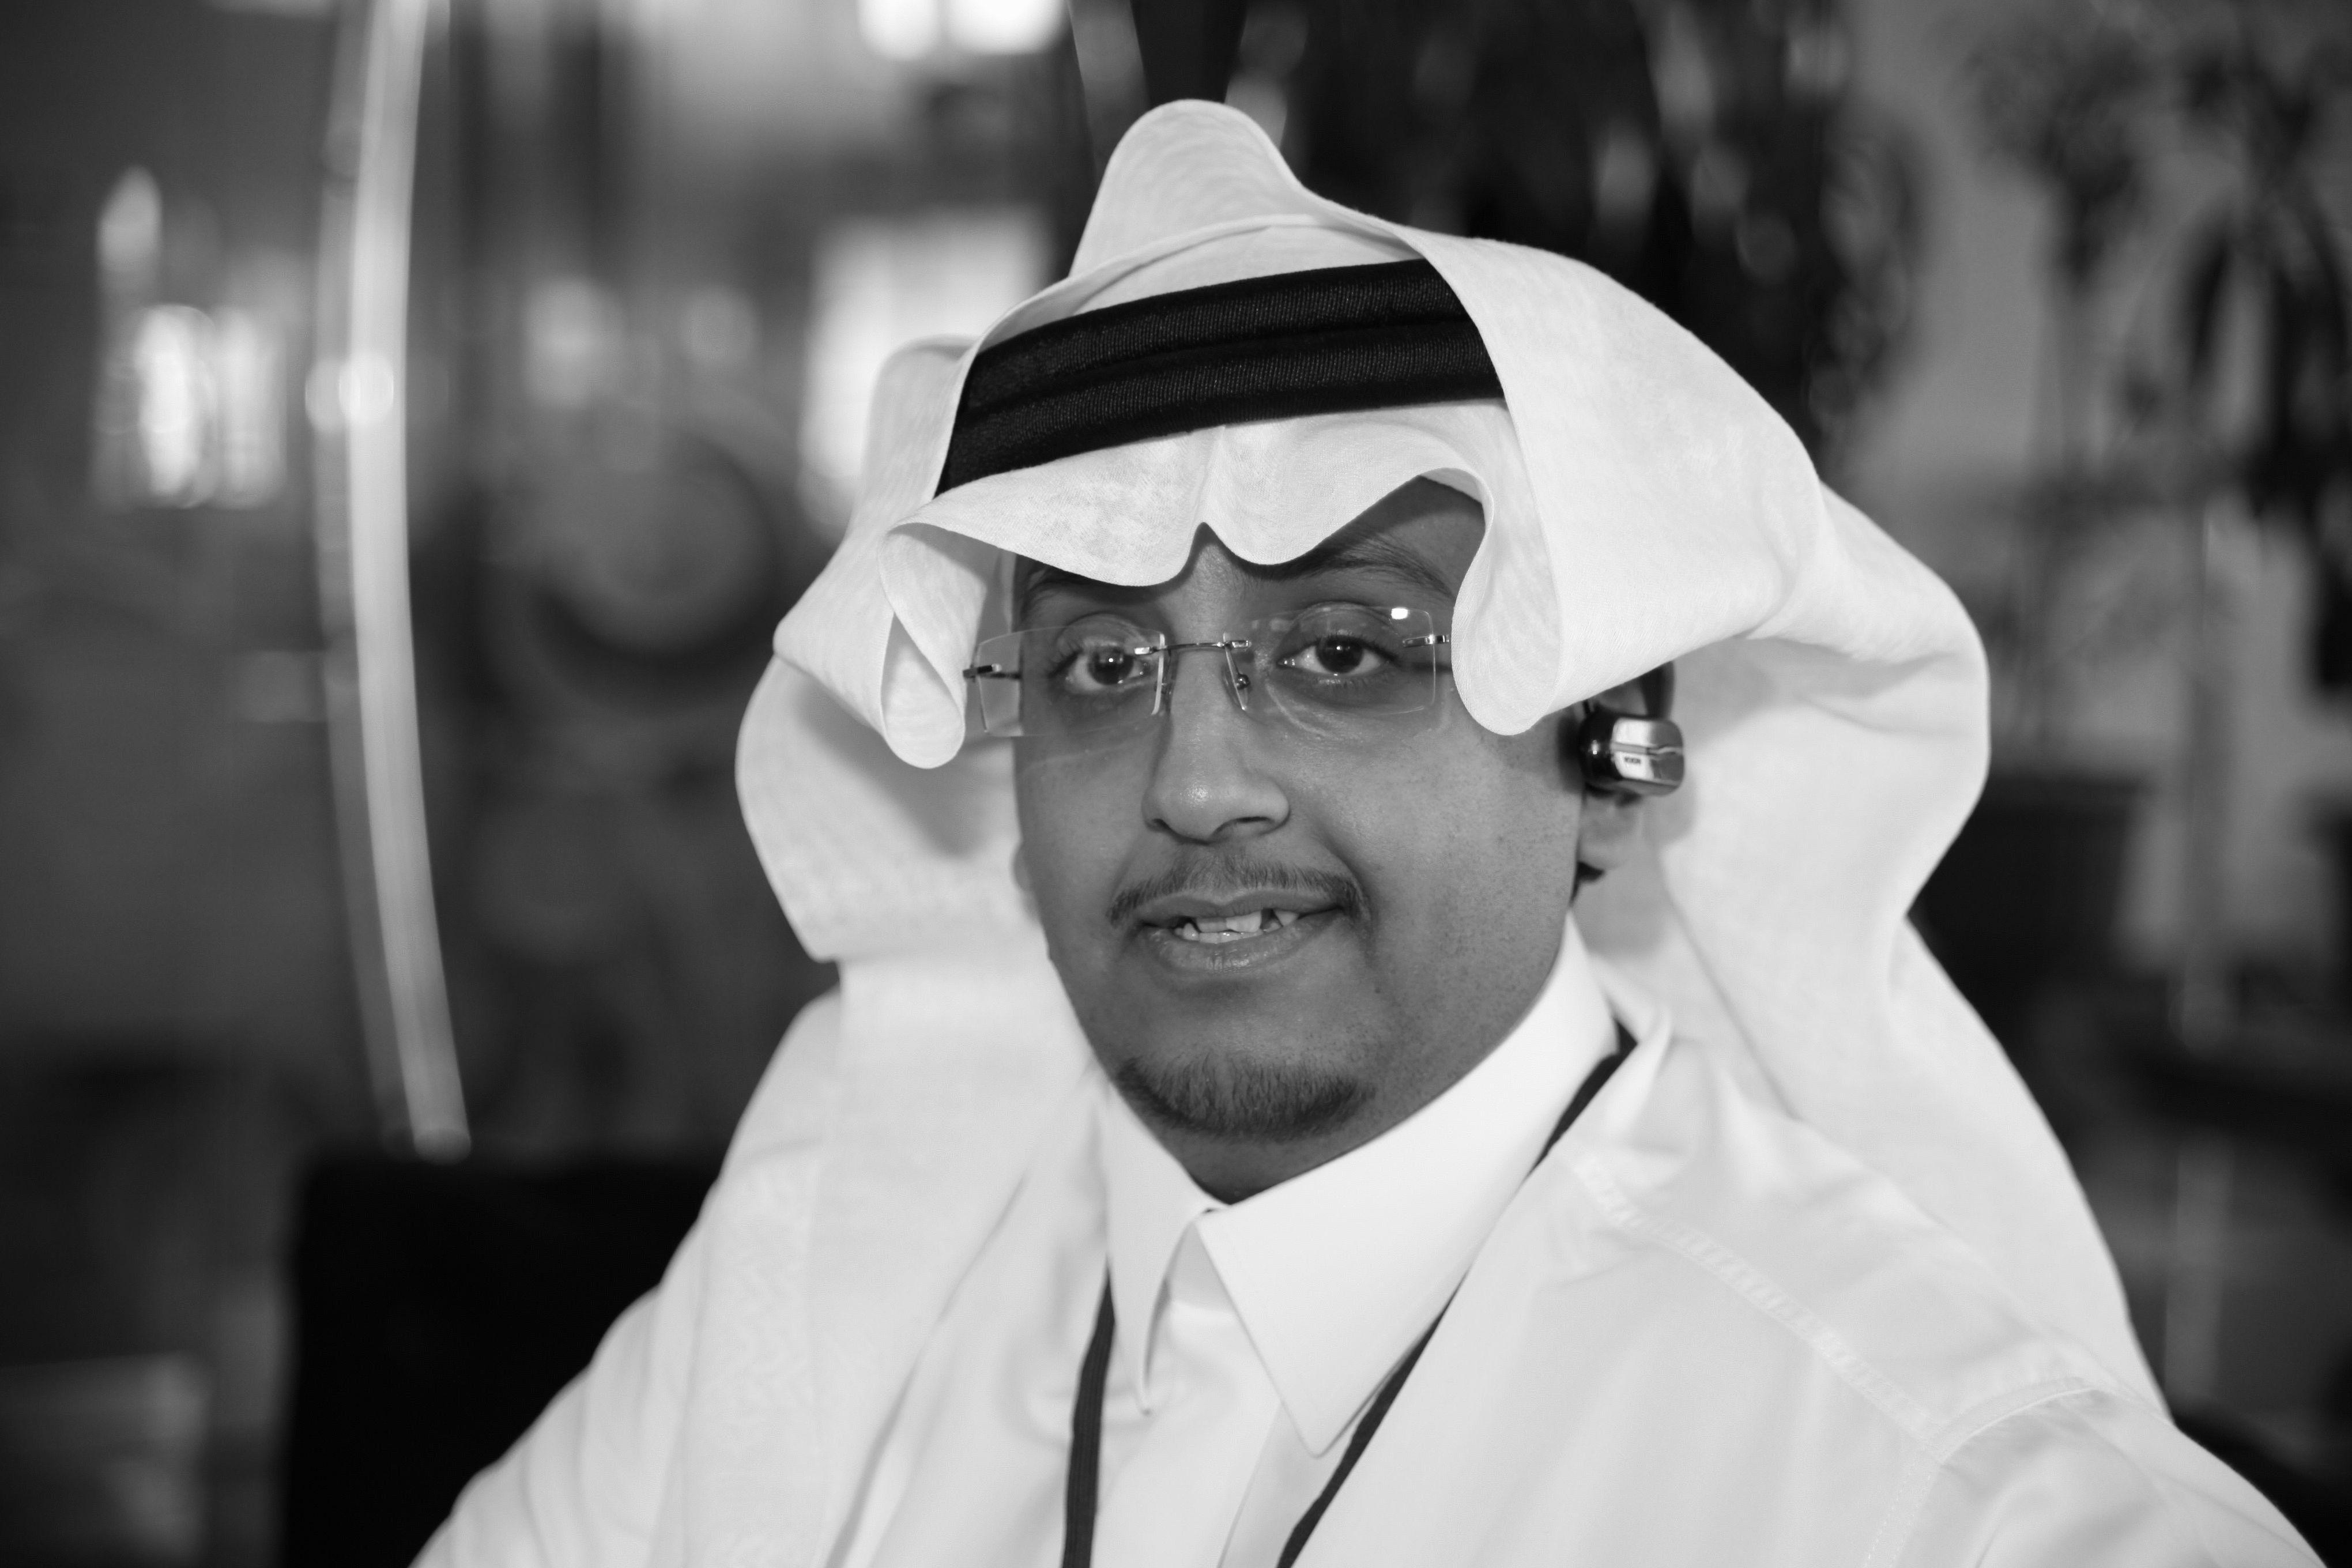 عبد الرحمن الحميقاني  Headshot